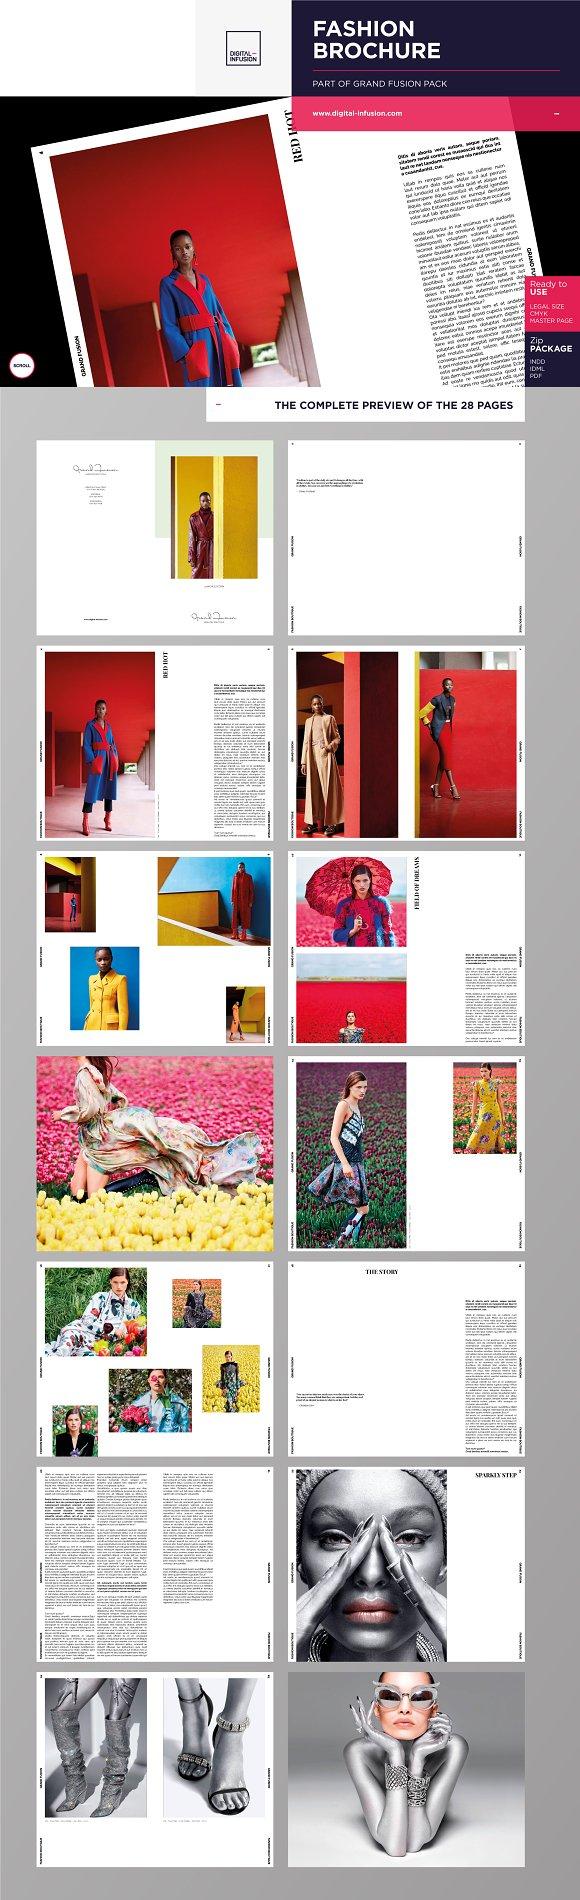 Grand Fusion - Fashion Brochure